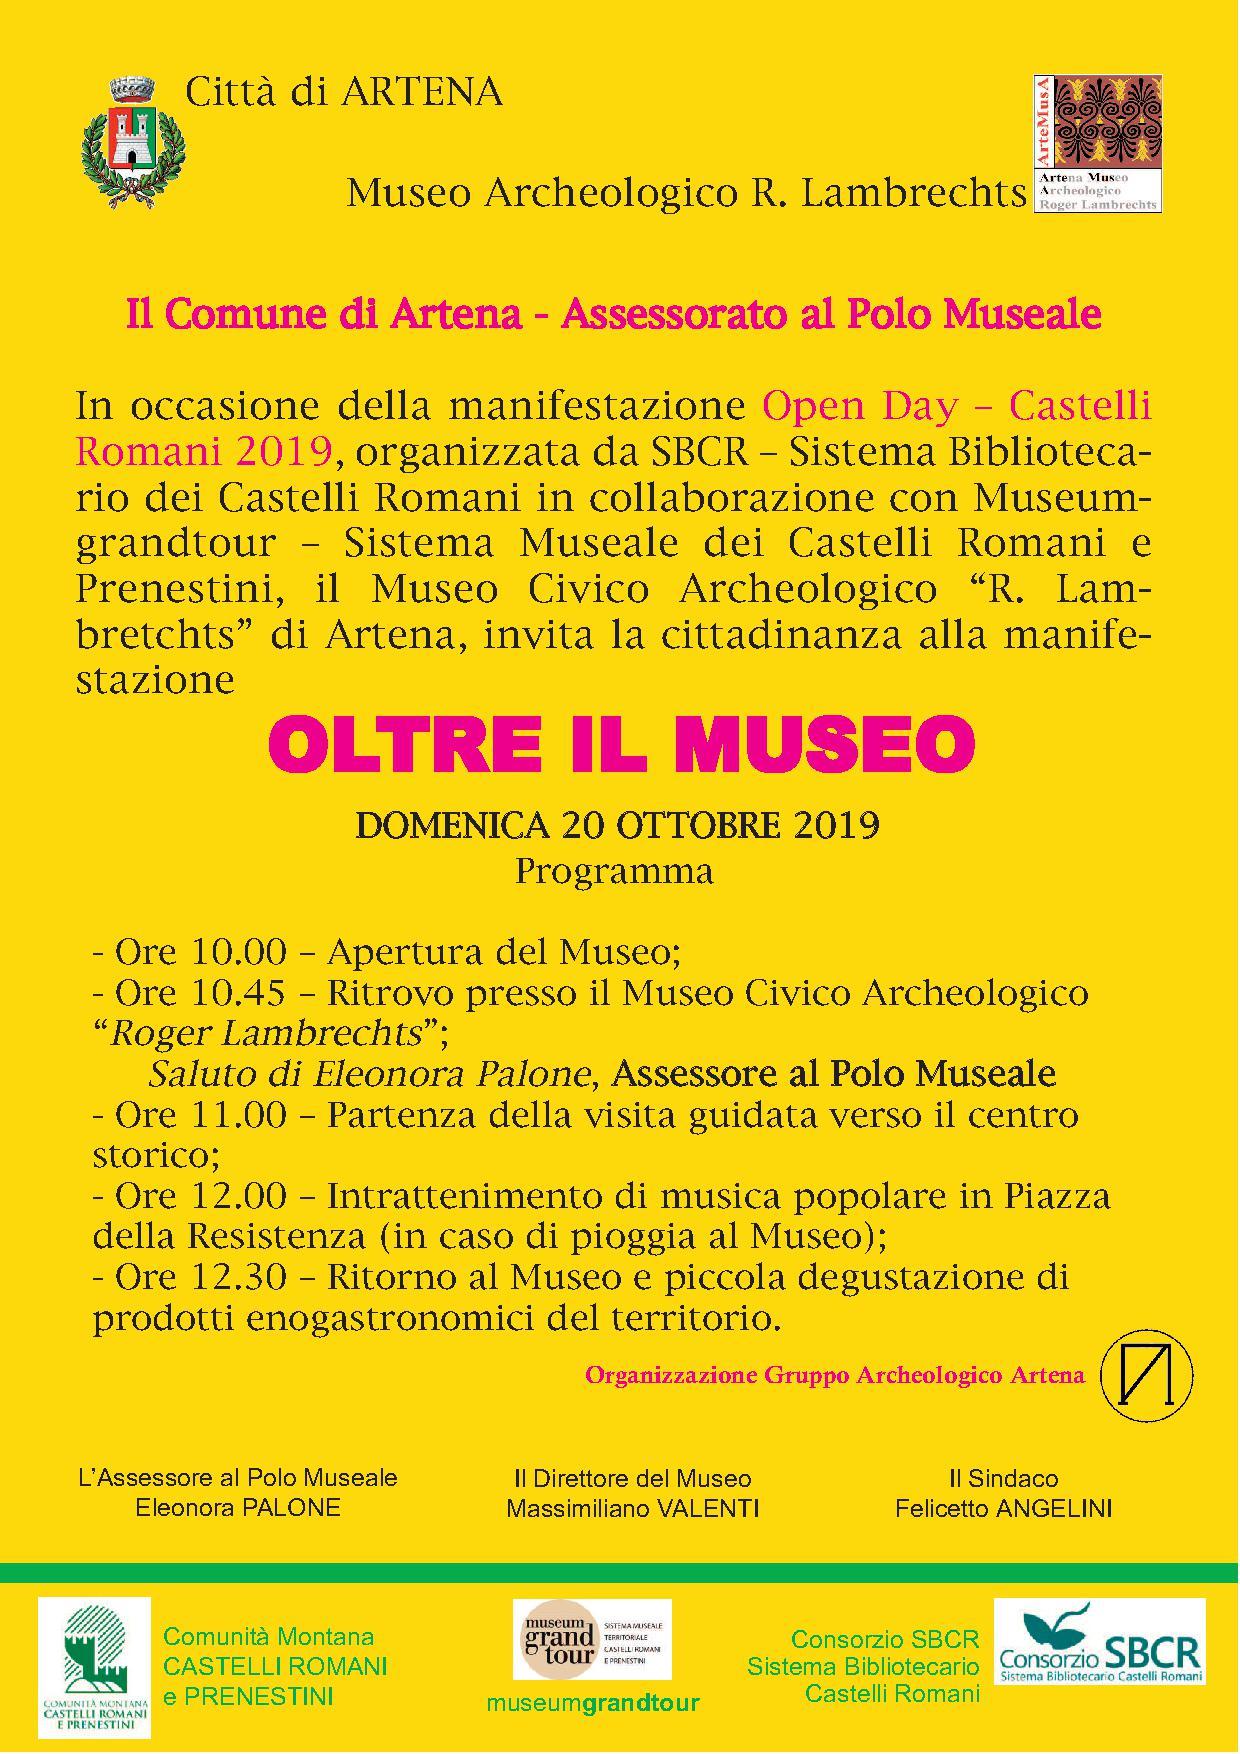 Artena: Oltre il Museo @ Museo archeologico | Artena | Lazio | Italia